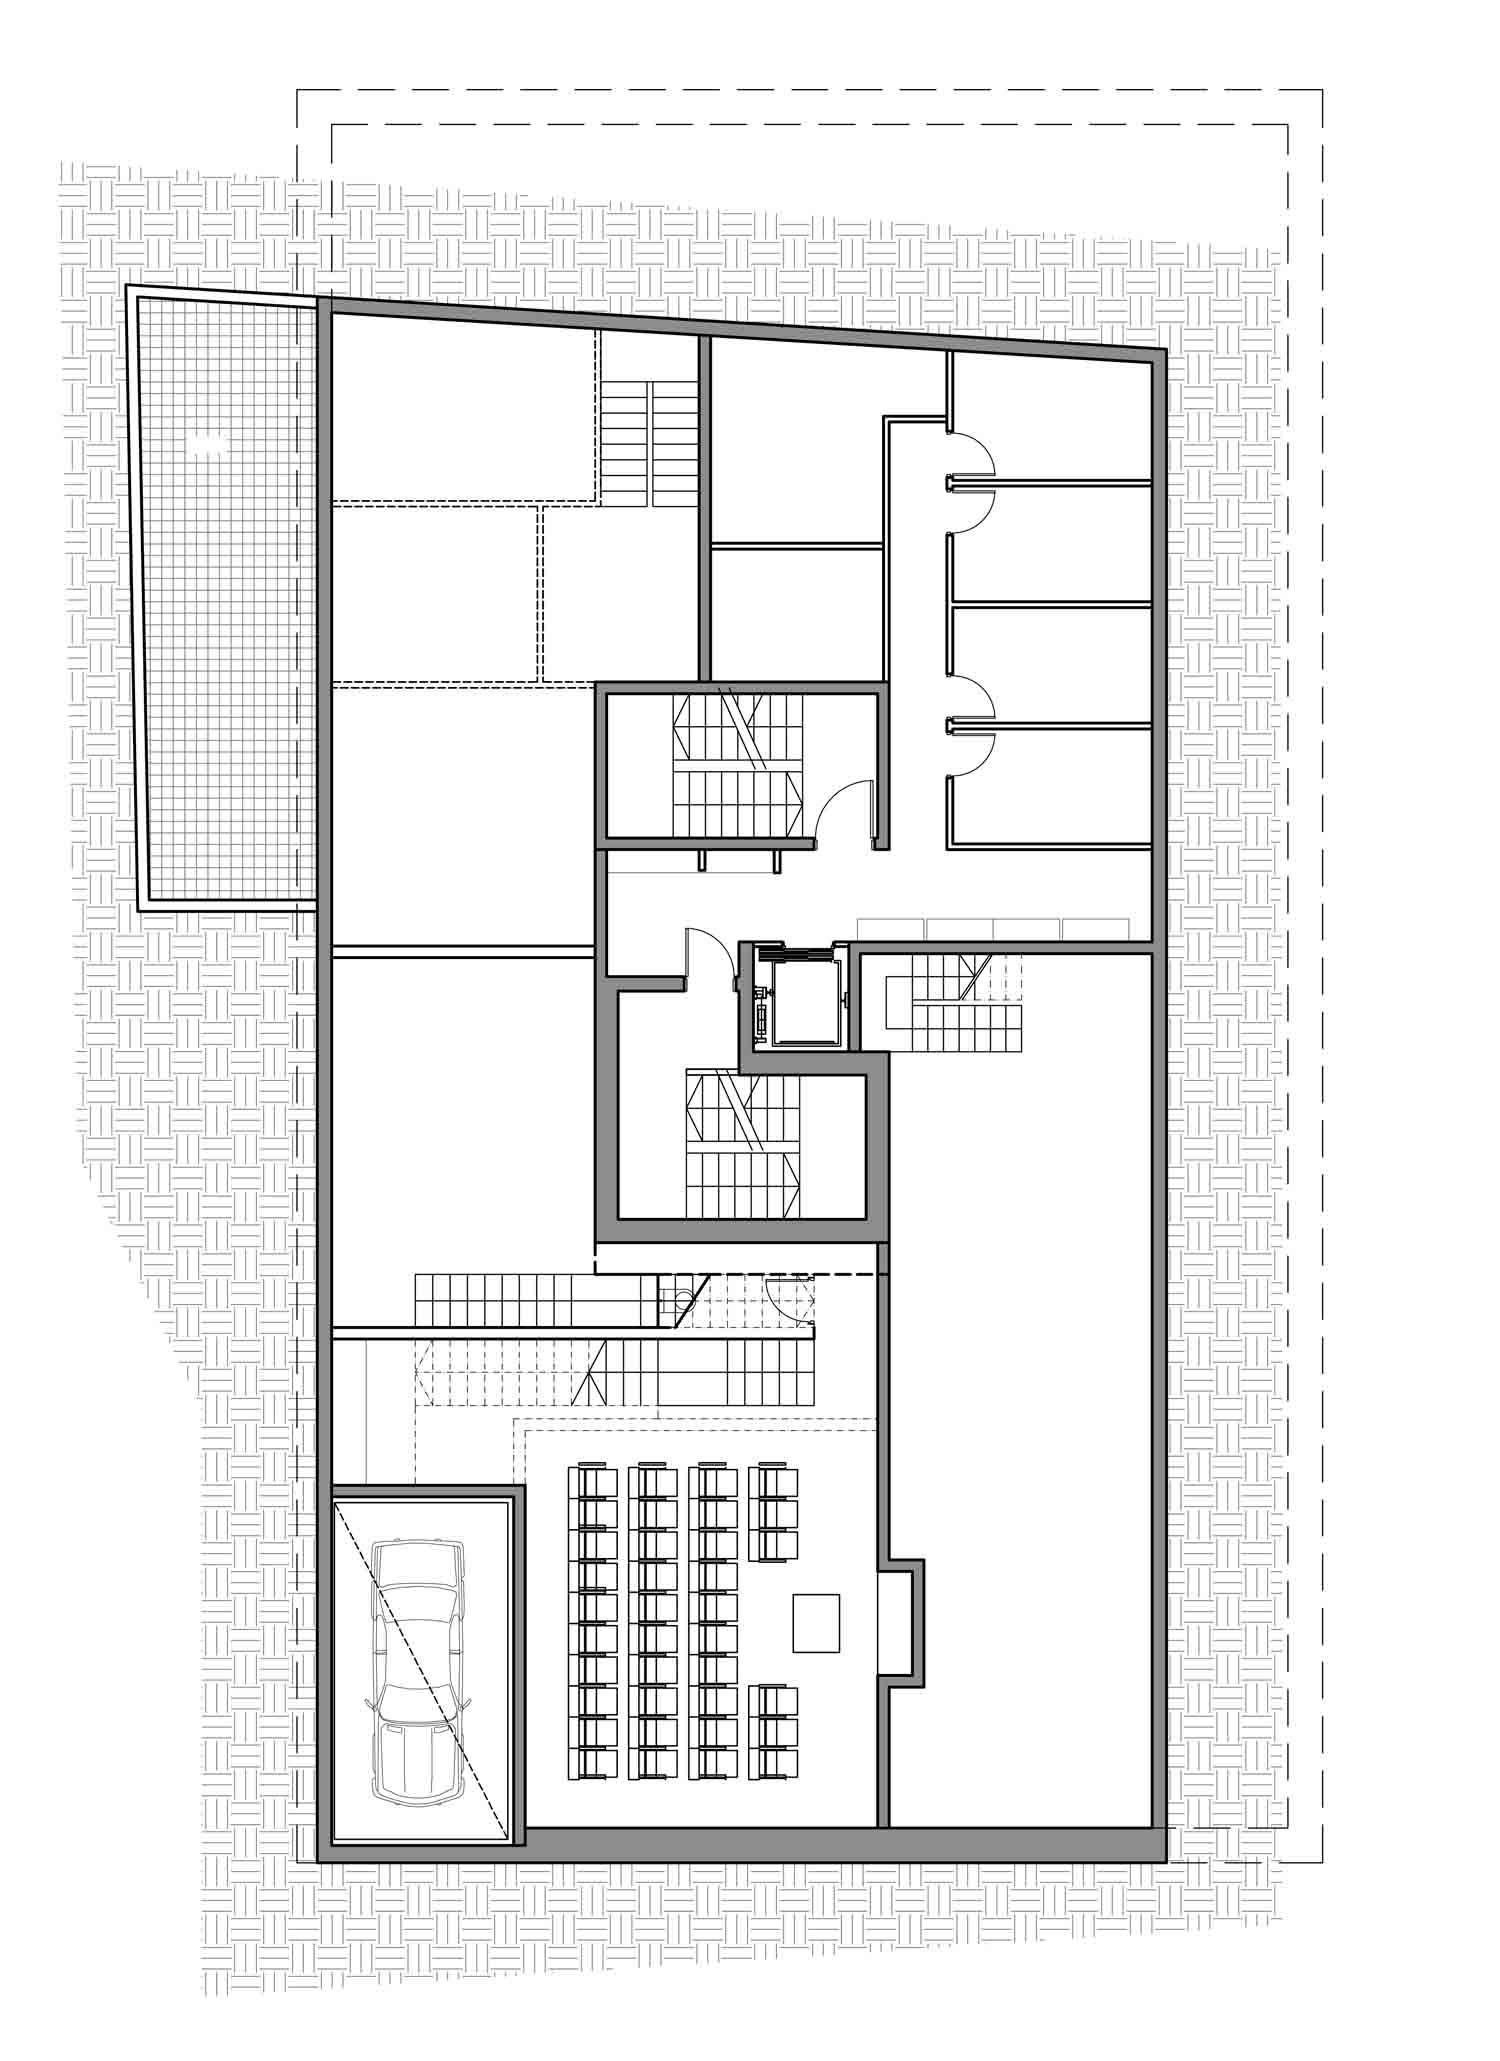 קומת בית הכנסת